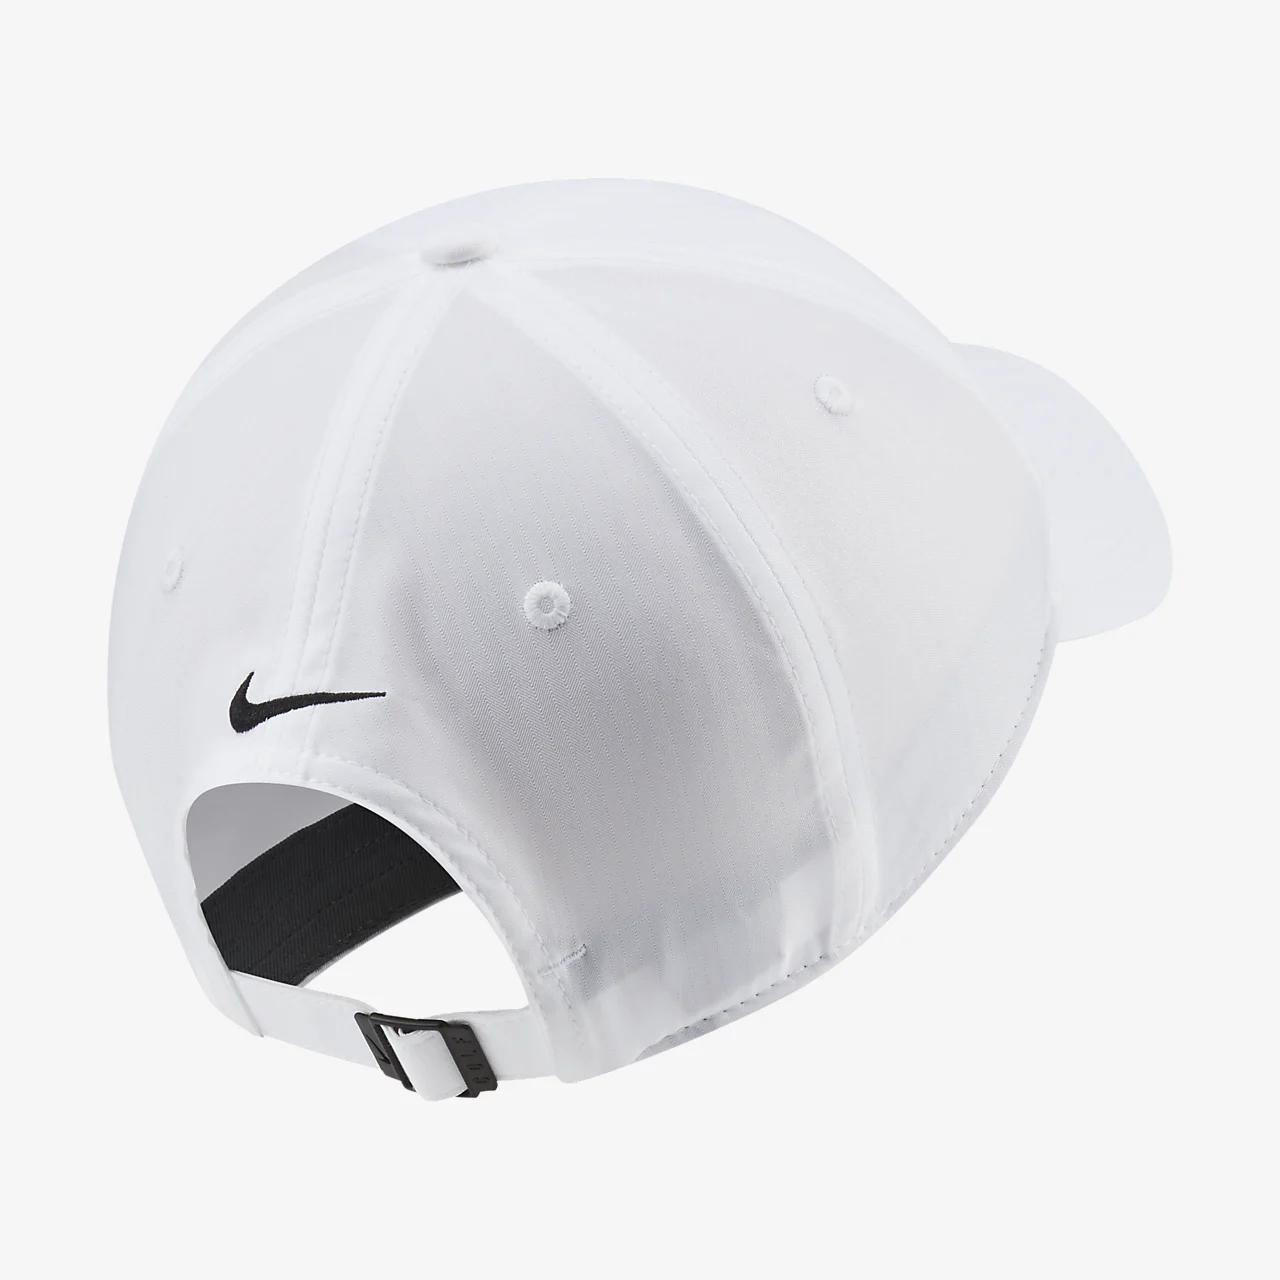 나이키 레거시91 골프 모자 BV1076-100